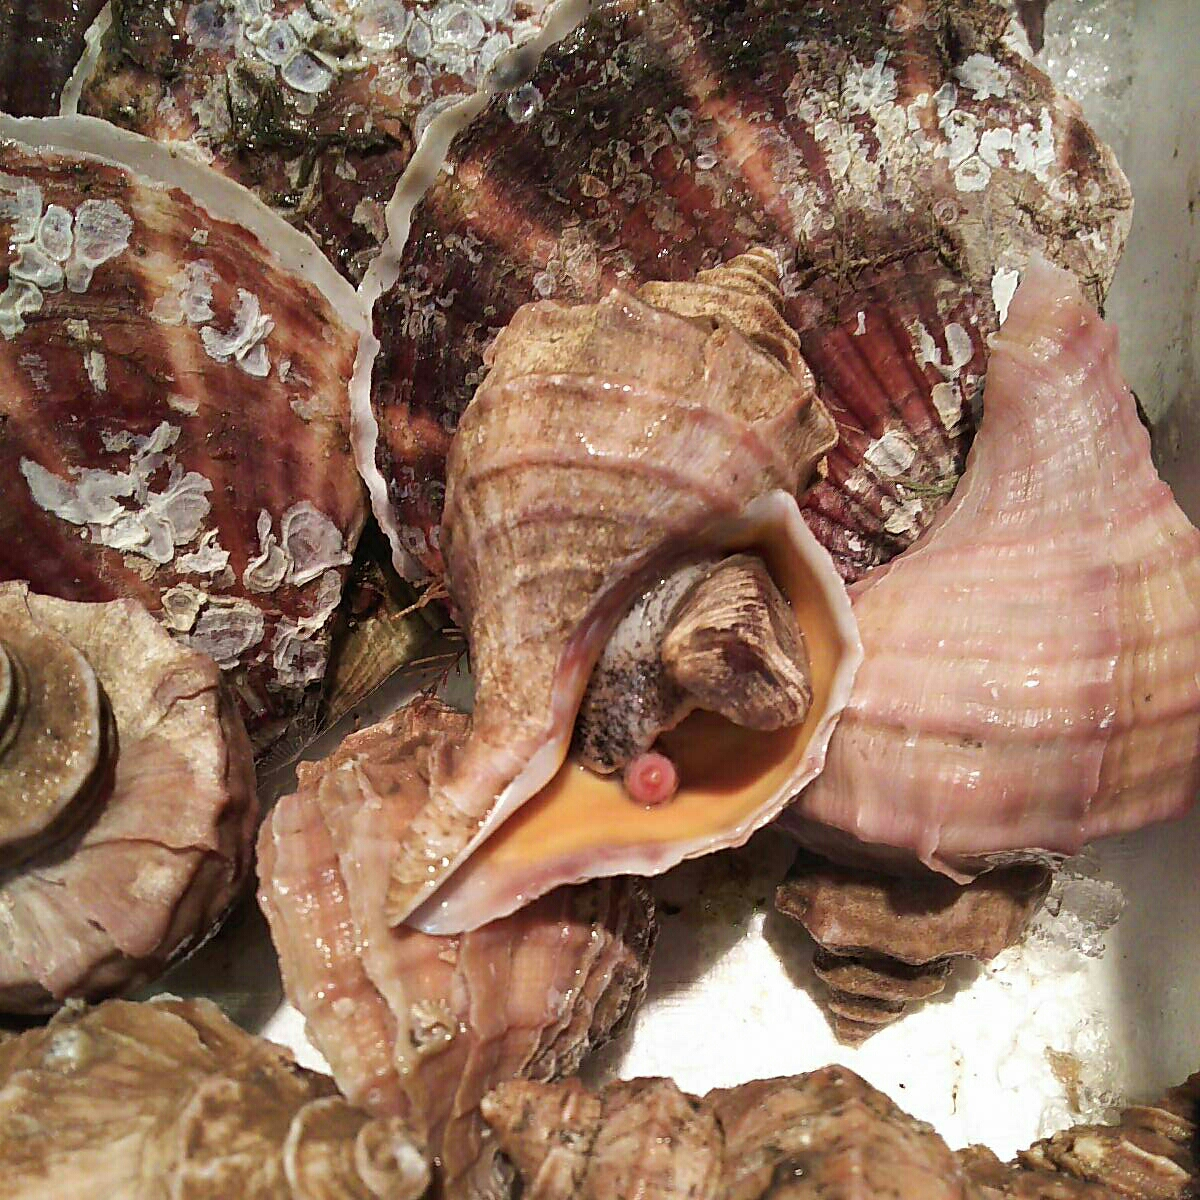 殻ホタテ貝7個大きめつぶかい1.7キロ一箱セット。写真の生を冷凍させてあります。さまざまなお料理にどうぞ!_画像4